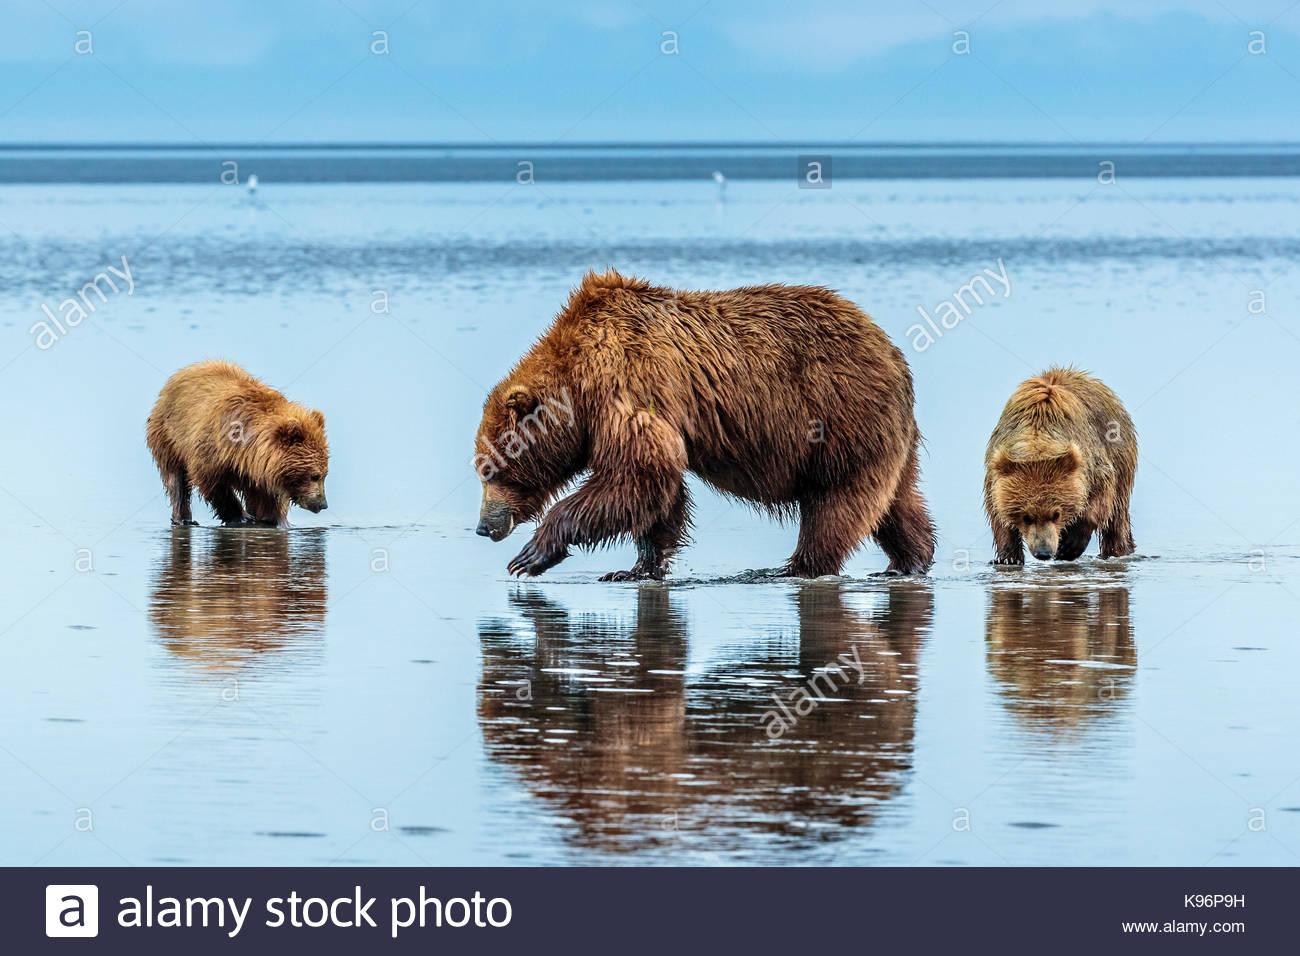 Osos pardos costeros, Ursus arctos, cavar y comer almejas en Sliver Salmon Creek en Lake Clark National Park, Alaska. Imagen De Stock